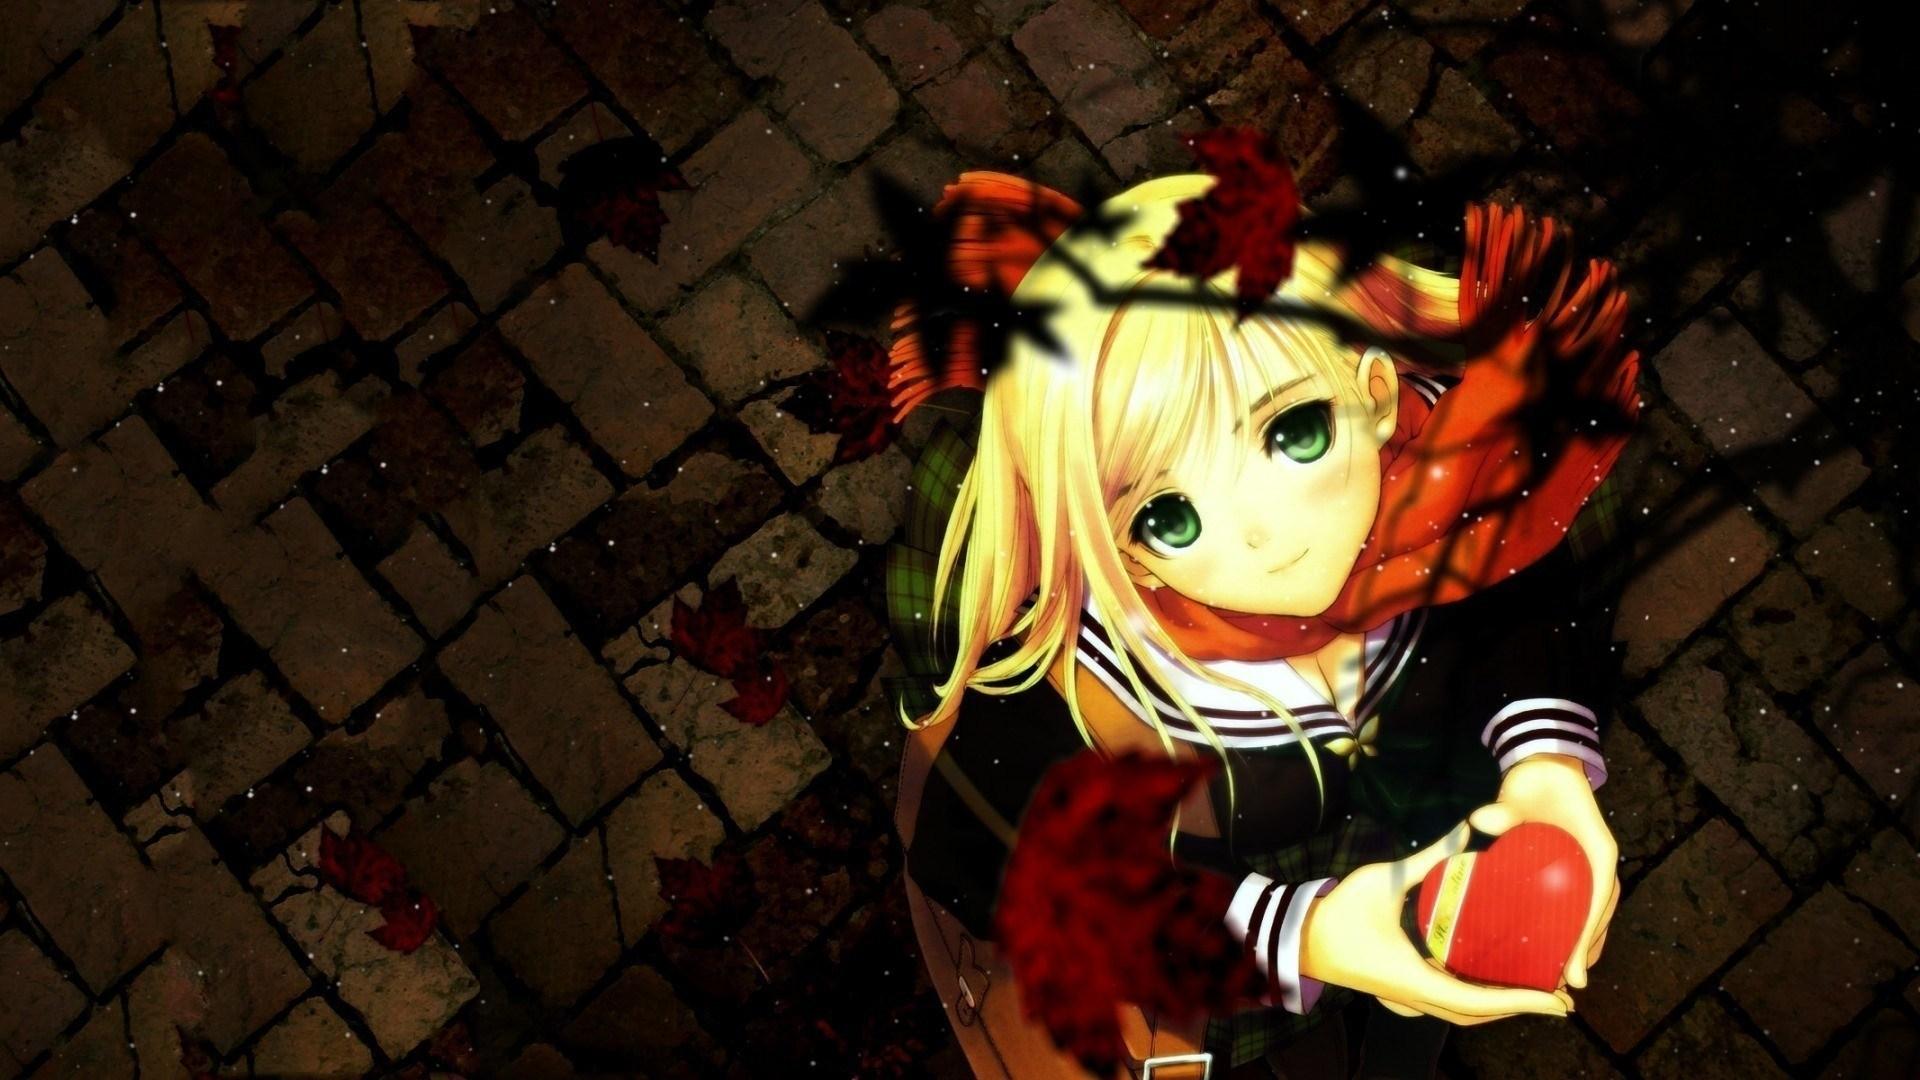 Anime Blonde Girl Heart